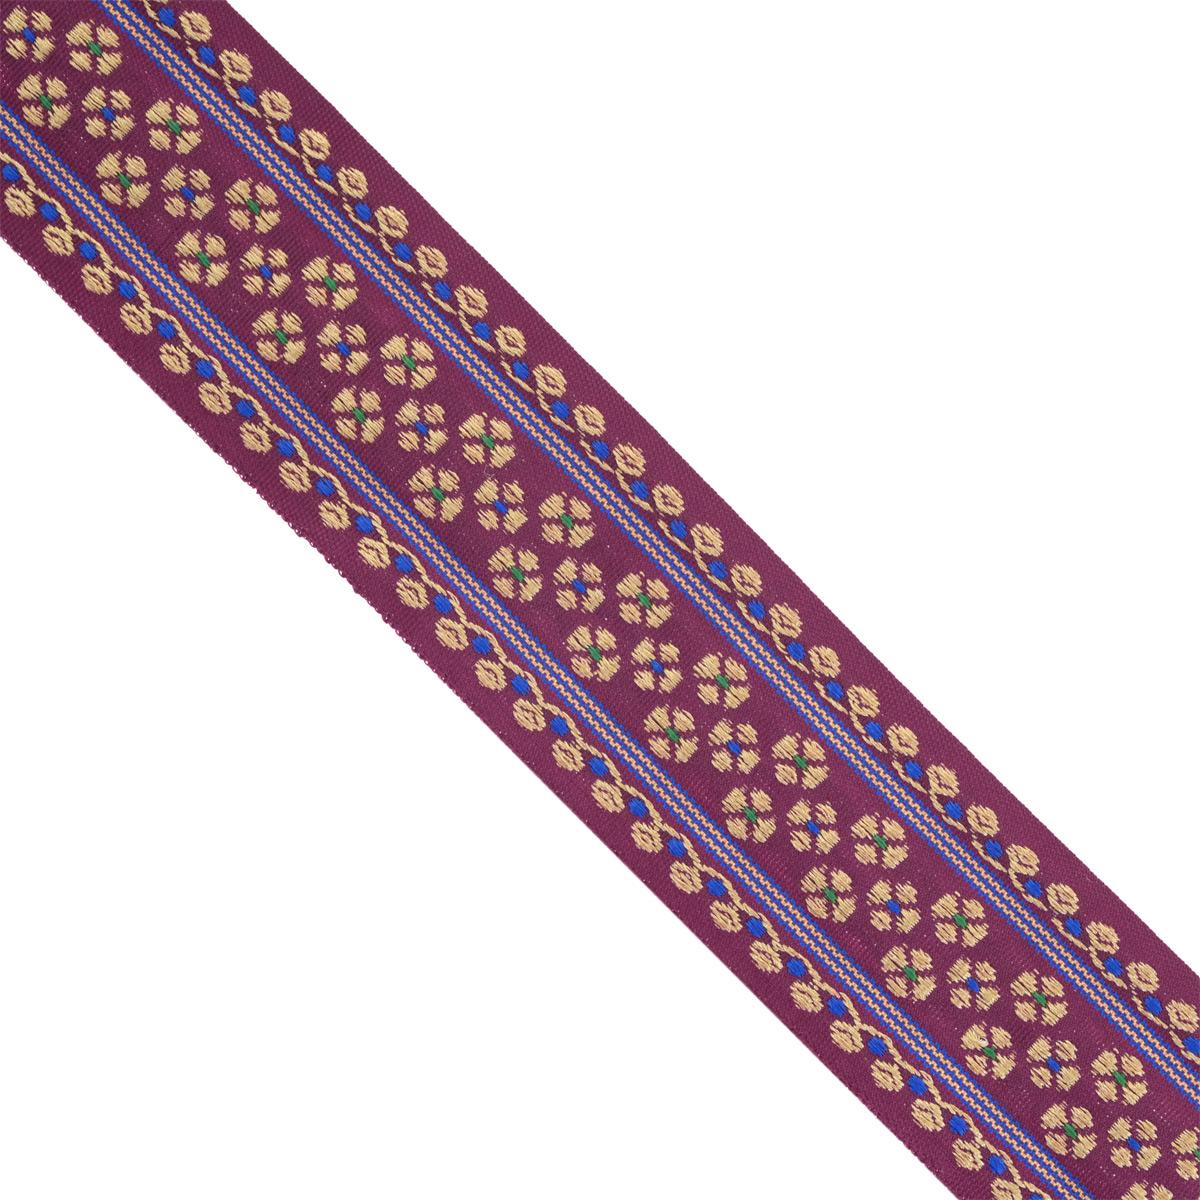 Тесьма декоративная Астра, цвет: бордовый, ширина 4 см, длина 16,4 м. 77034047703404Декоративная тесьма Астра выполнена из текстиля и оформлена оригинальным орнаментом. Такая тесьма идеально подойдет для оформления различных творческих работ таких, как скрапбукинг, аппликация, декор коробок и открыток и многое другое. Тесьма наивысшего качества и практична в использовании. Она станет незаменимым элементом в создании рукотворного шедевра. Ширина: 4 см. Длина: 16,4 м.